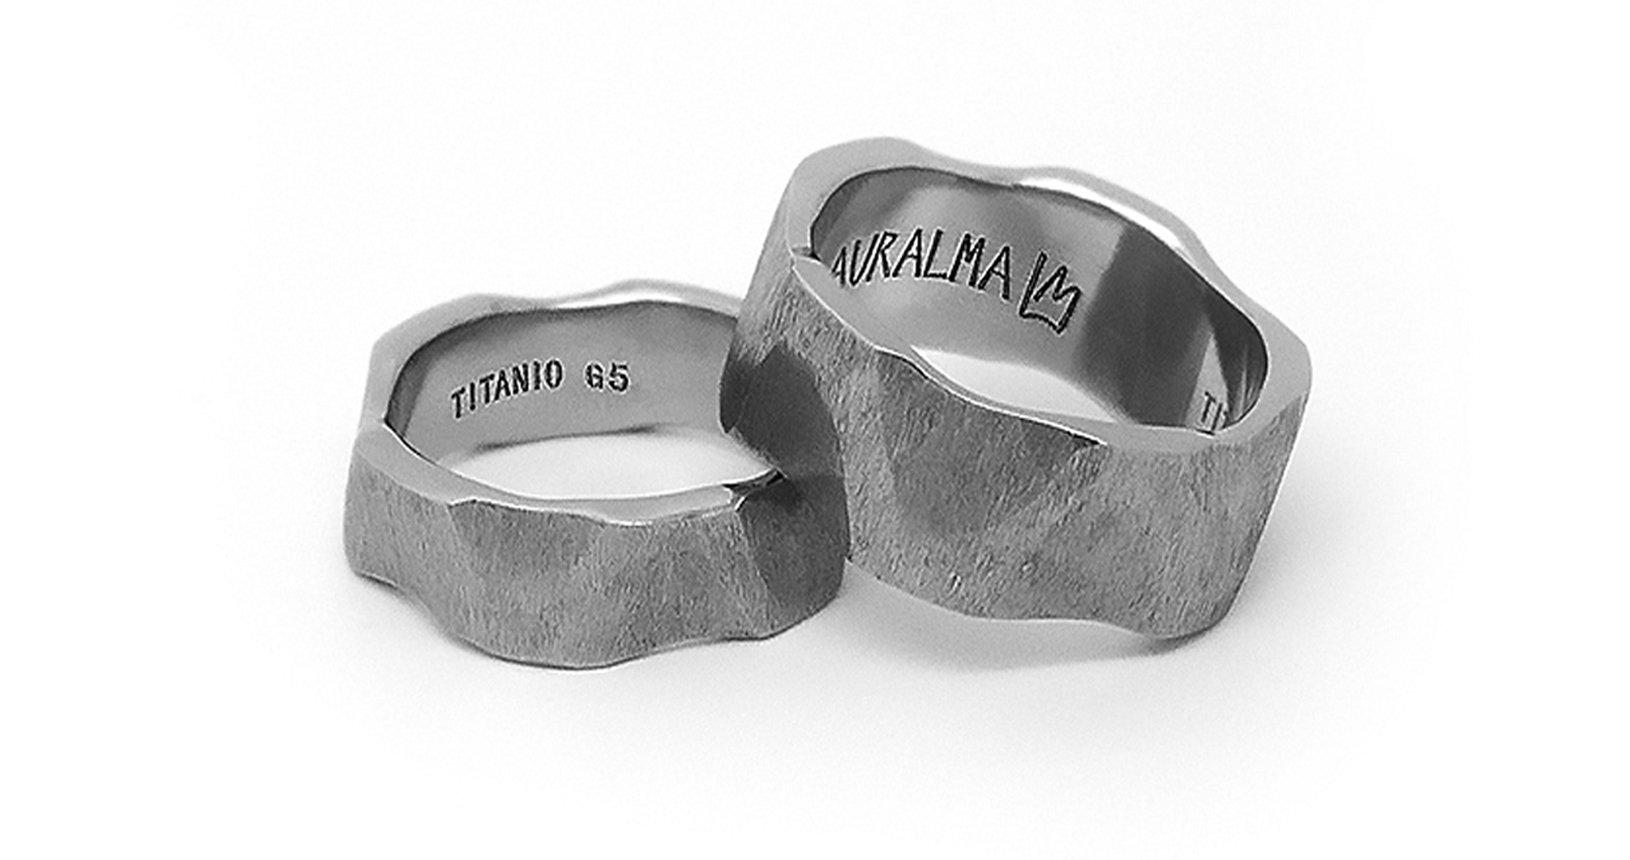 Anelli STONE PENTAGON titanio scolpito a mano-Auralma